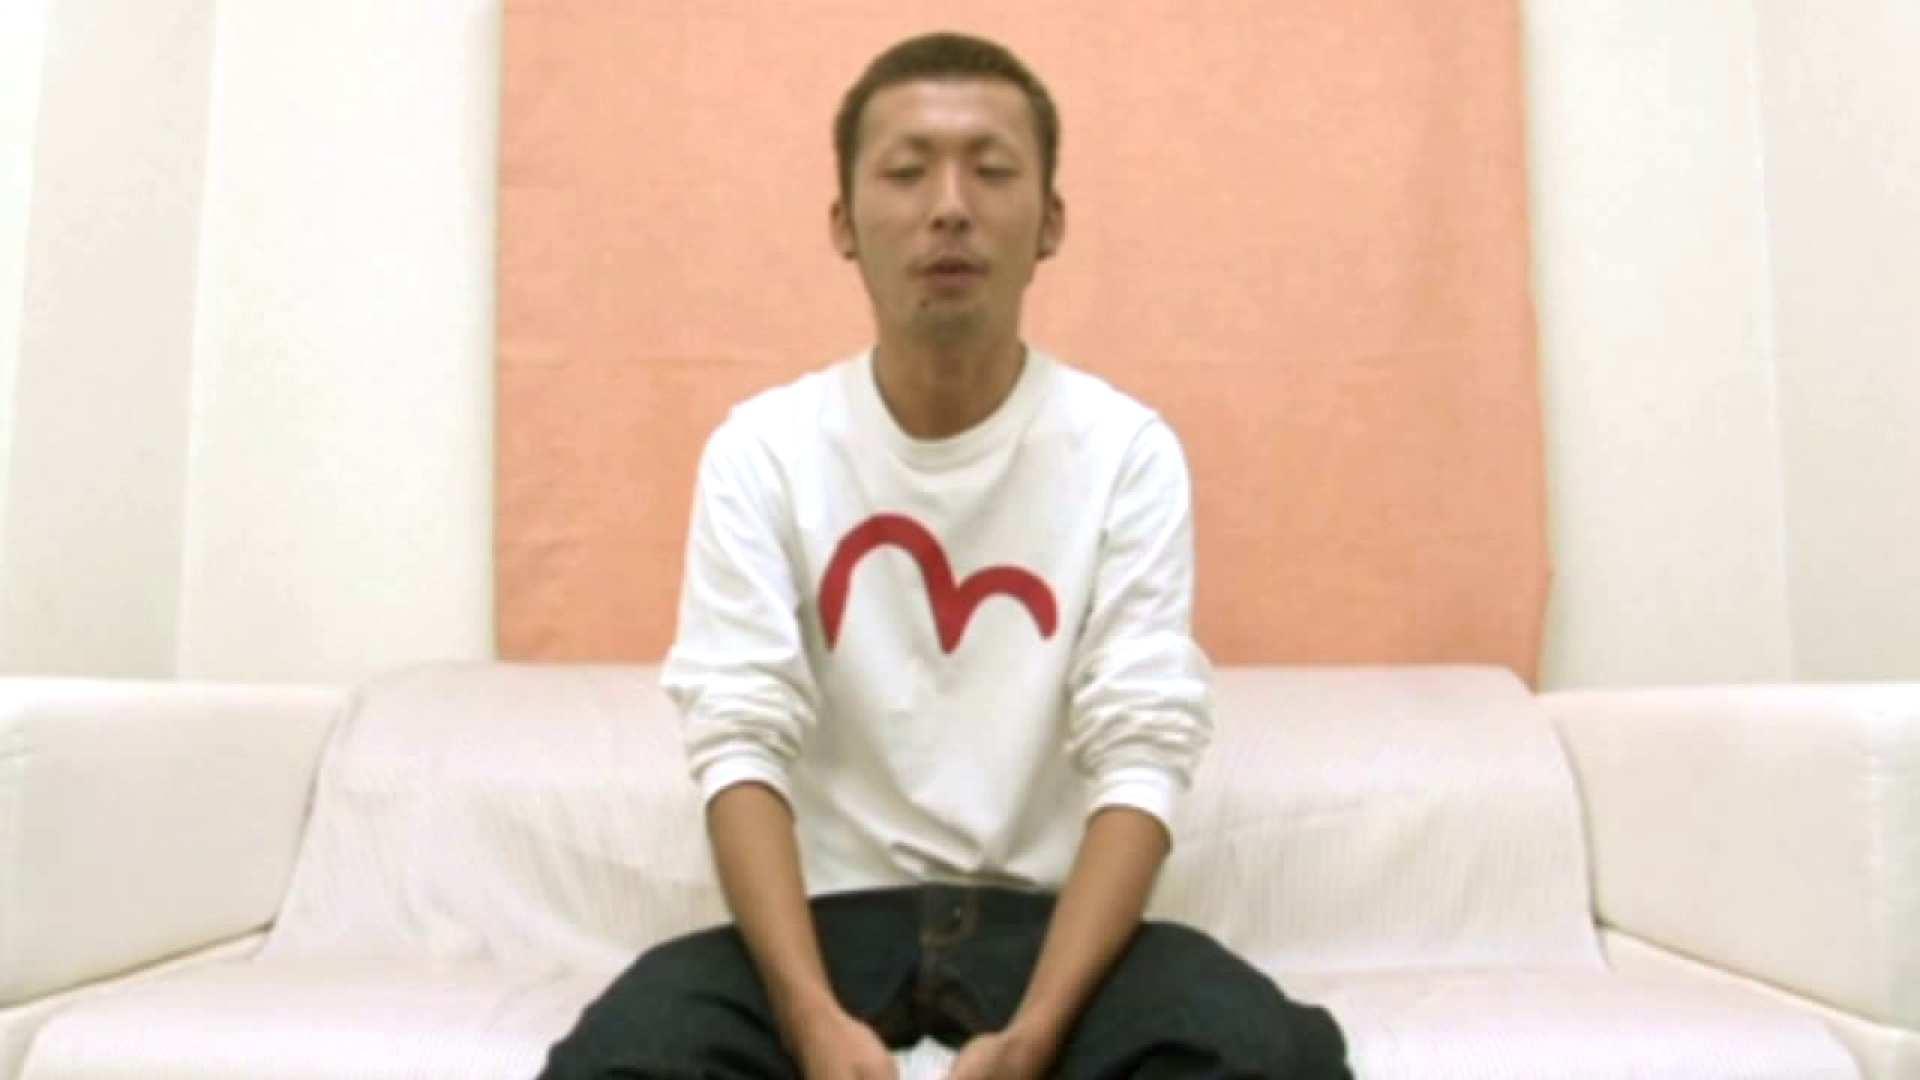 ノンケ!自慰スタジオ No.11 オナニー ゲイ無料エロ画像 78pic 20